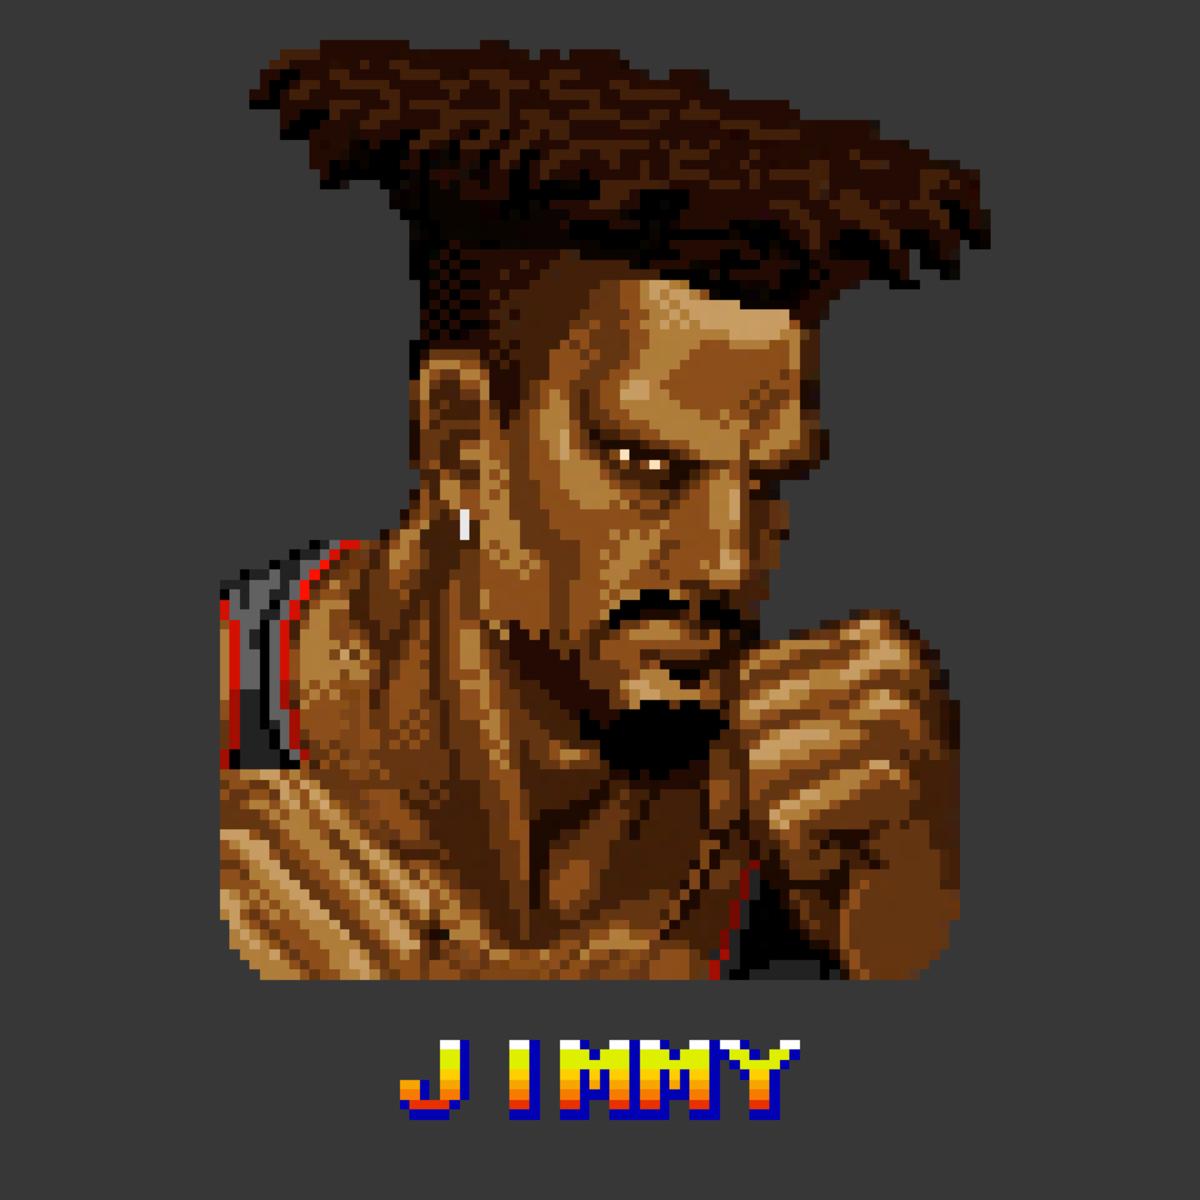 JimmySF